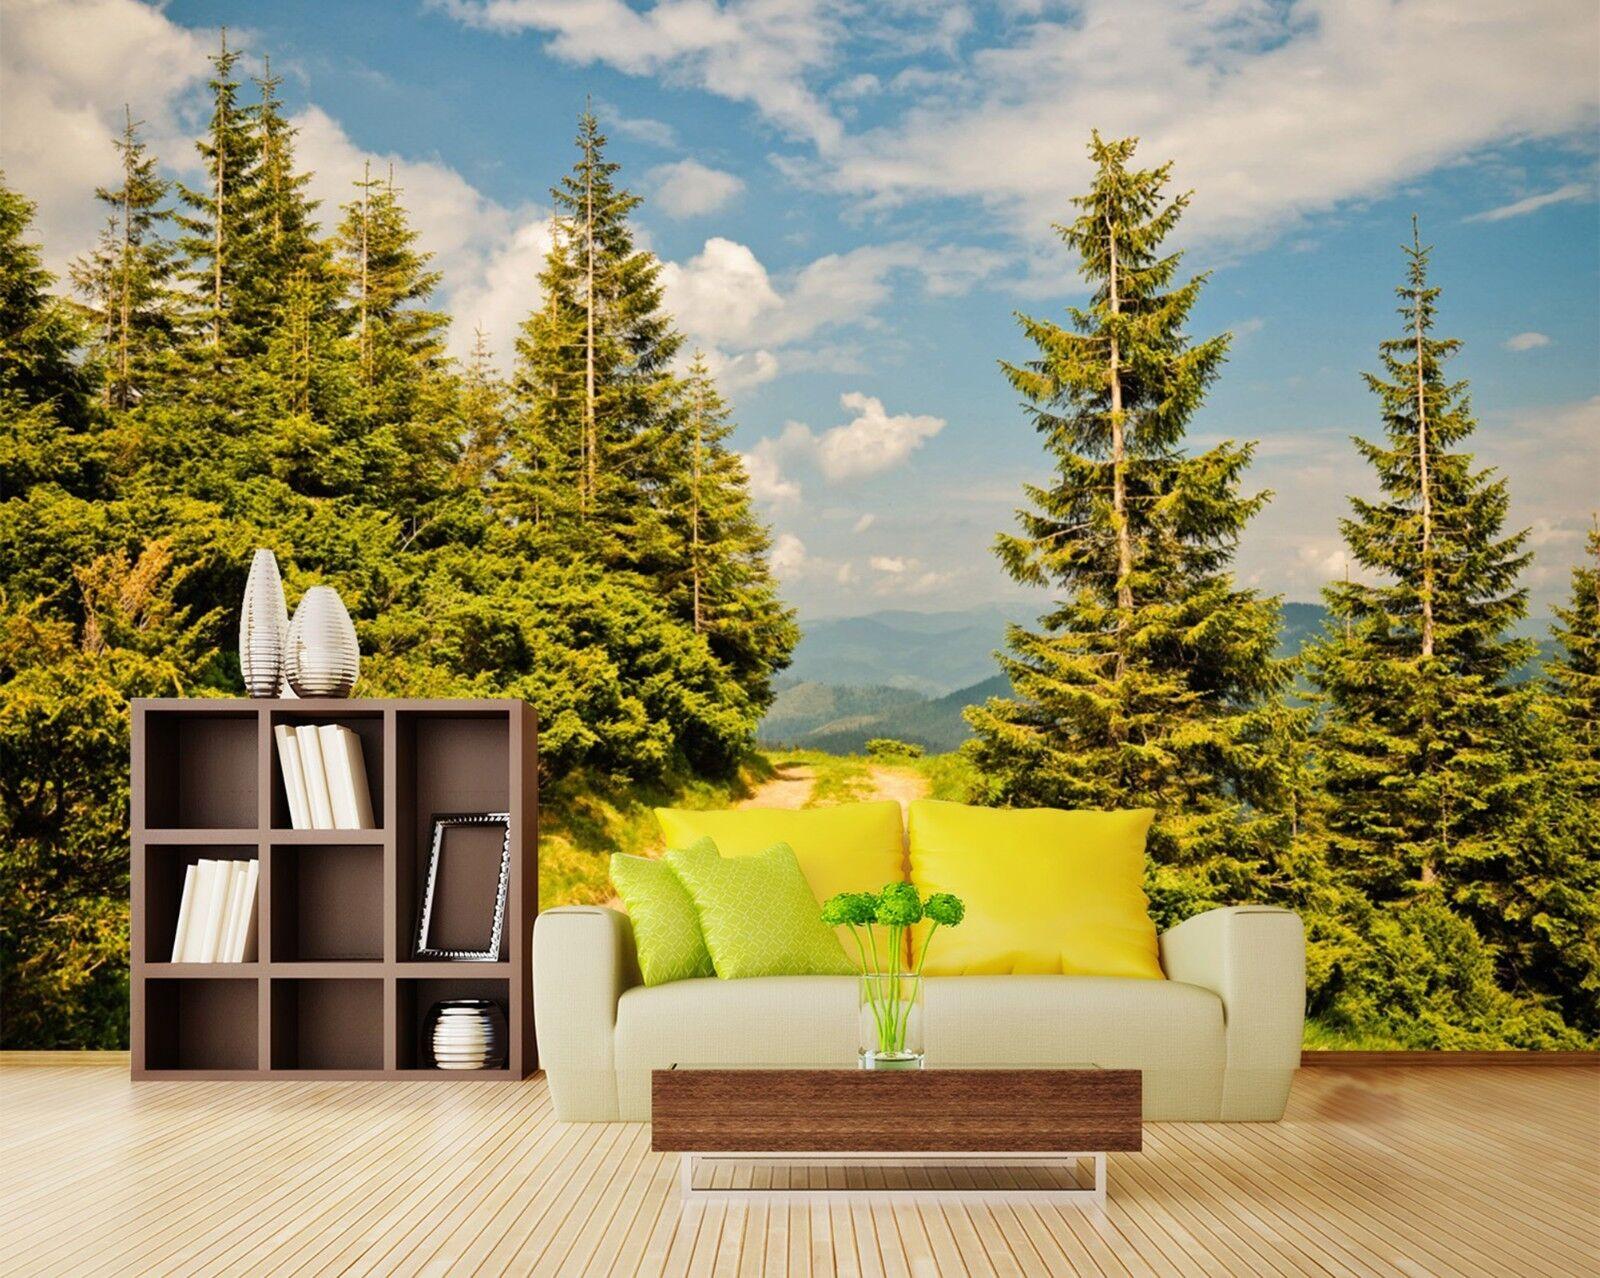 3D Wälder Gehweg Himmel 7835 Tapete Wandgemälde Tapeten Bild Familie DE Lemon